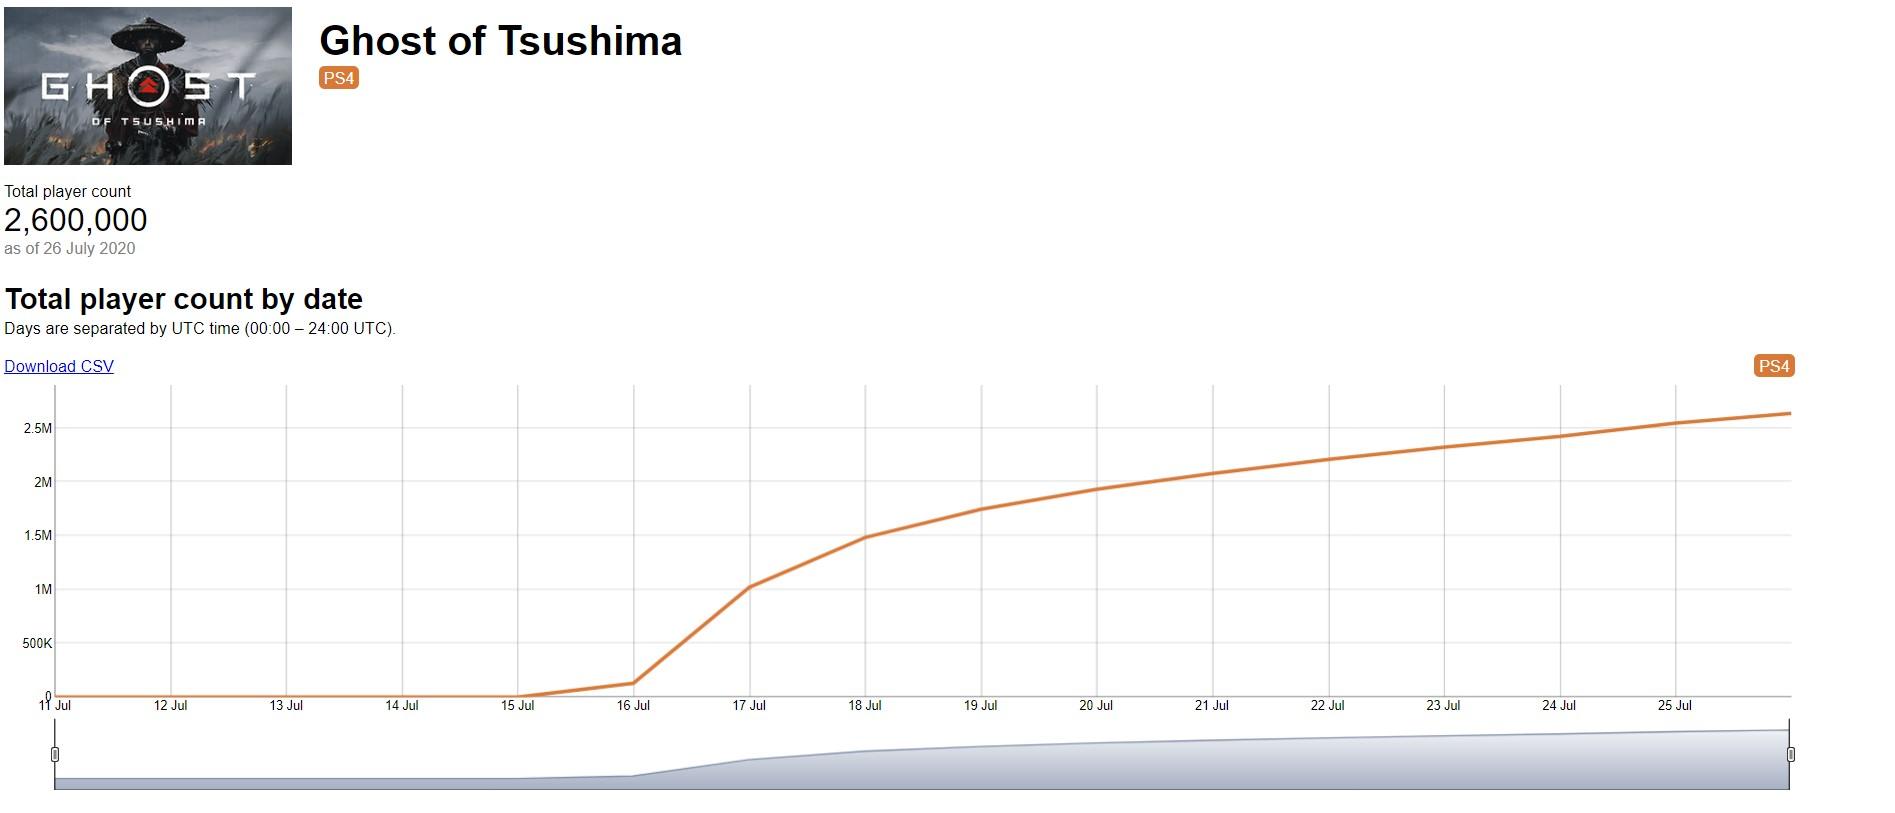 《对马岛之鬼》发售10天玩家达260万 人数仍在上涨